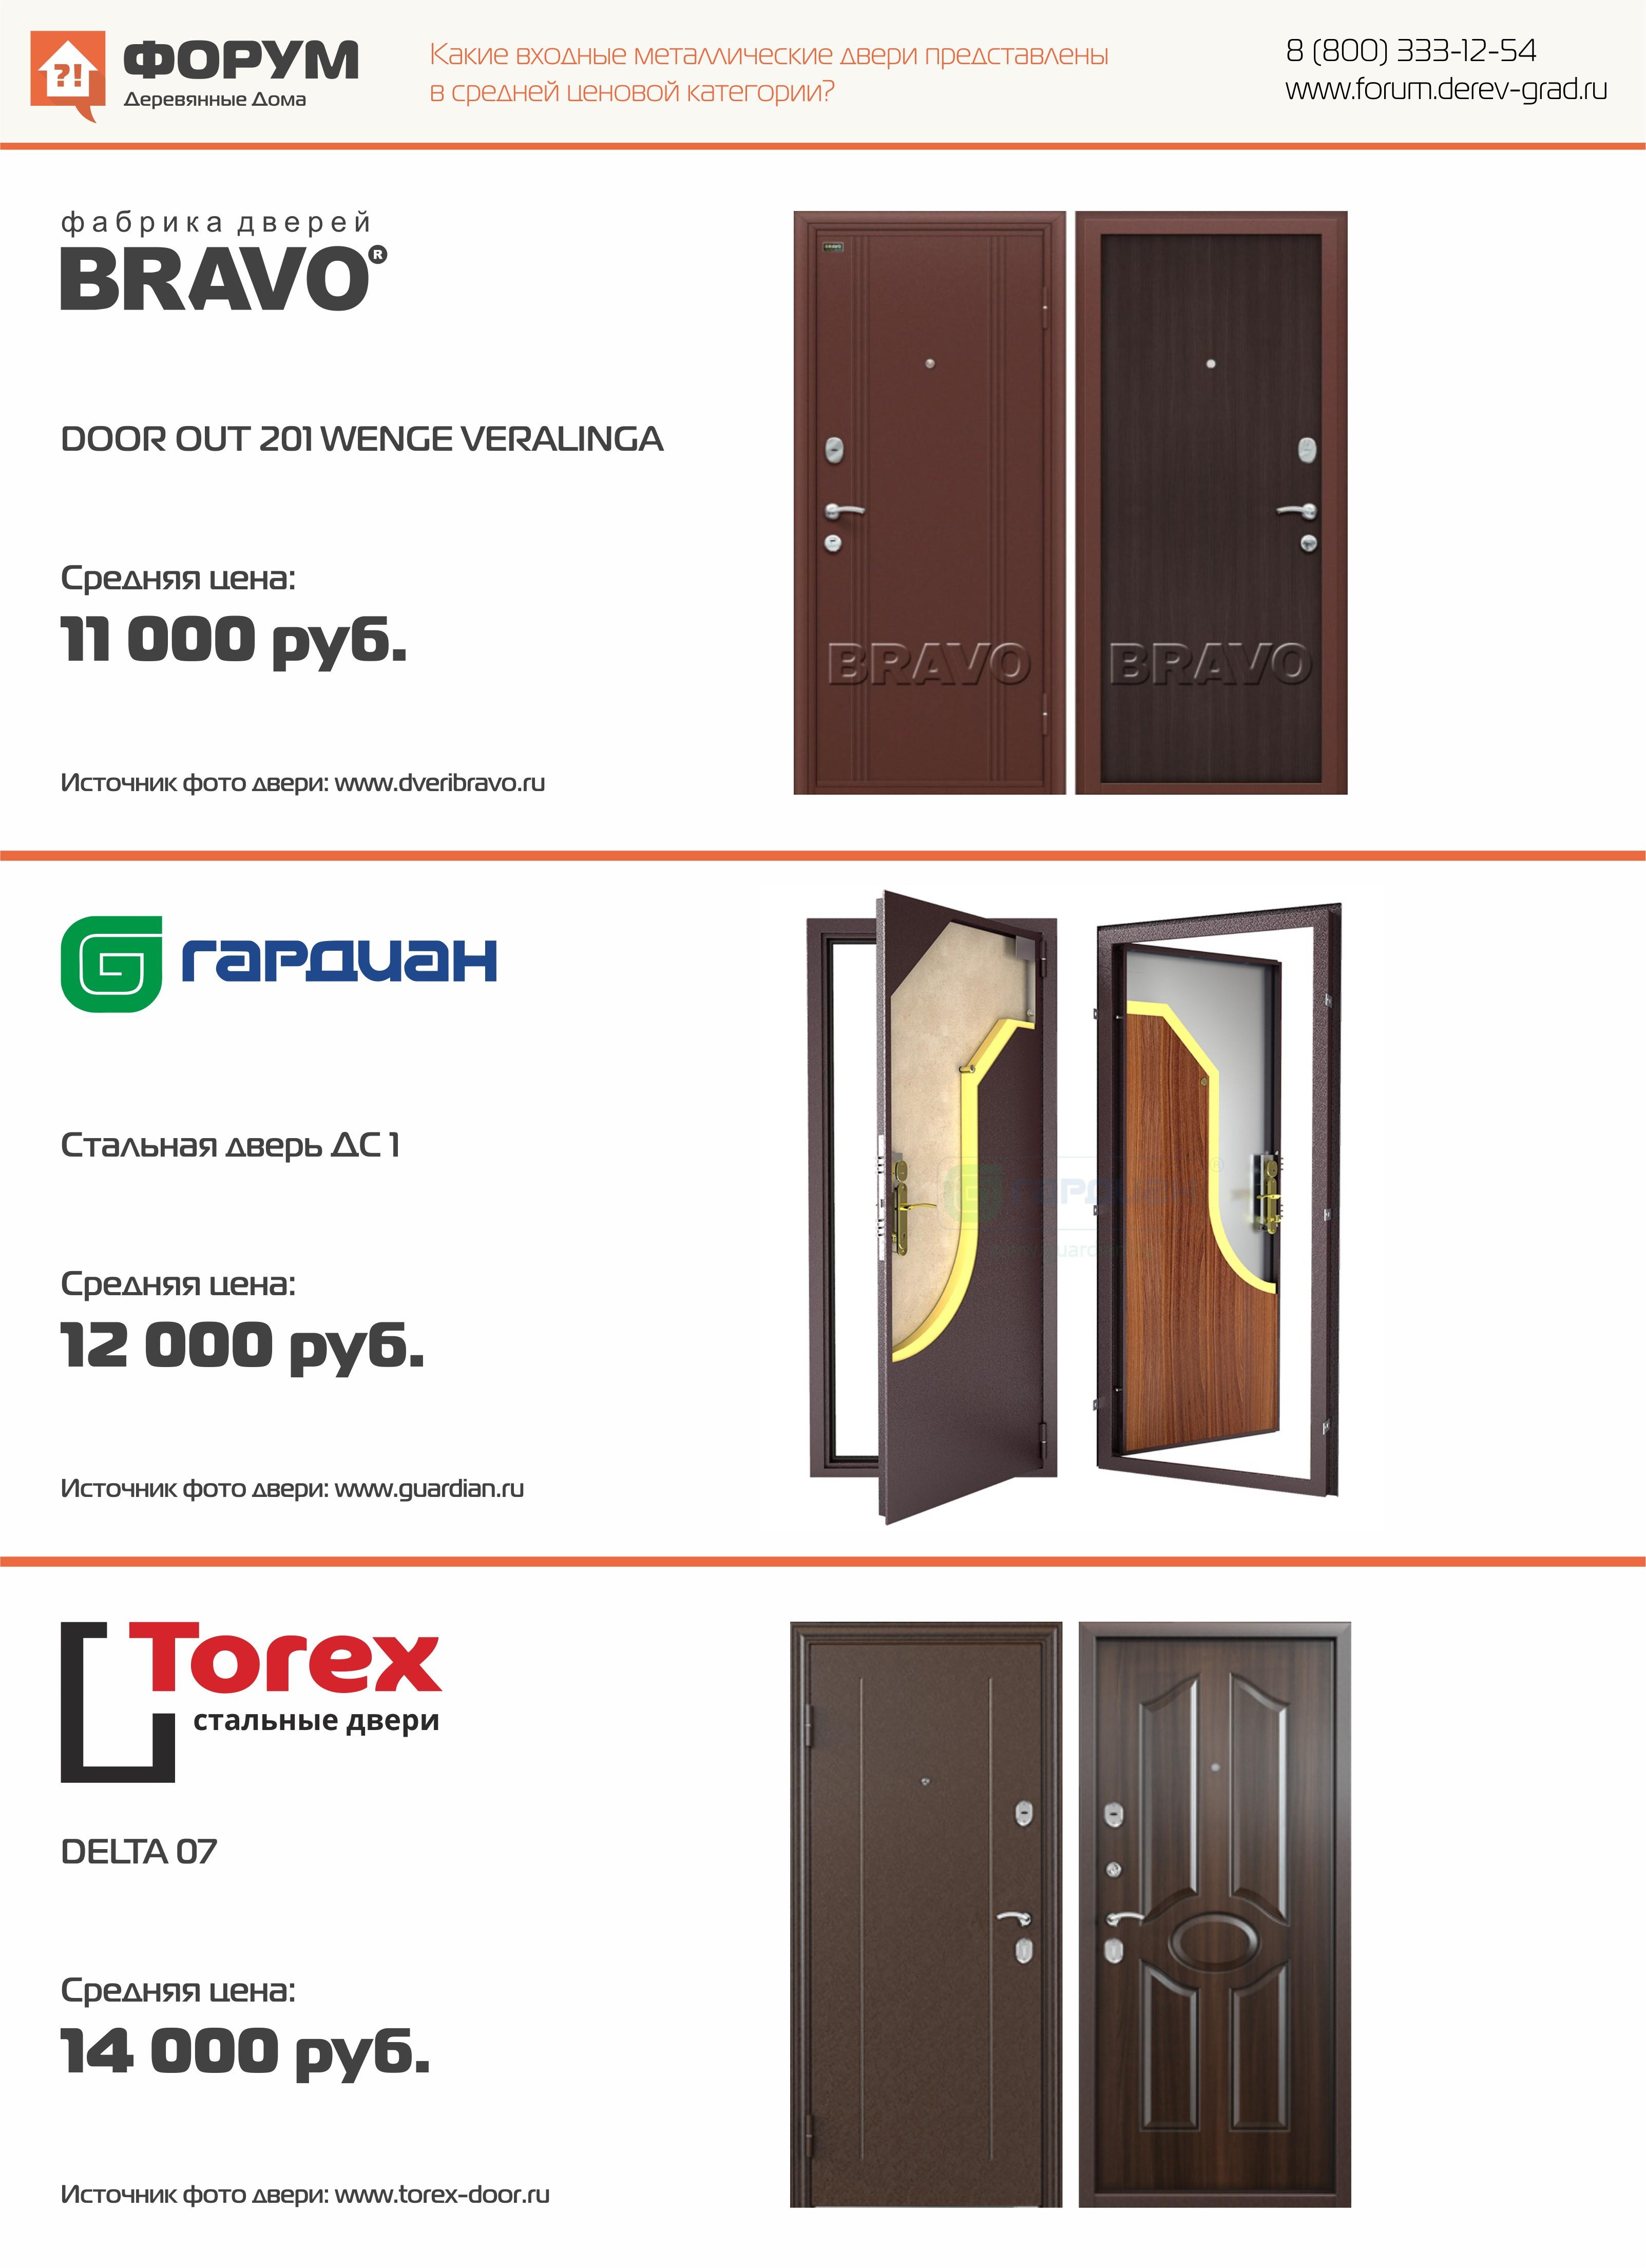 надежные стальные двери до 12000 рублей